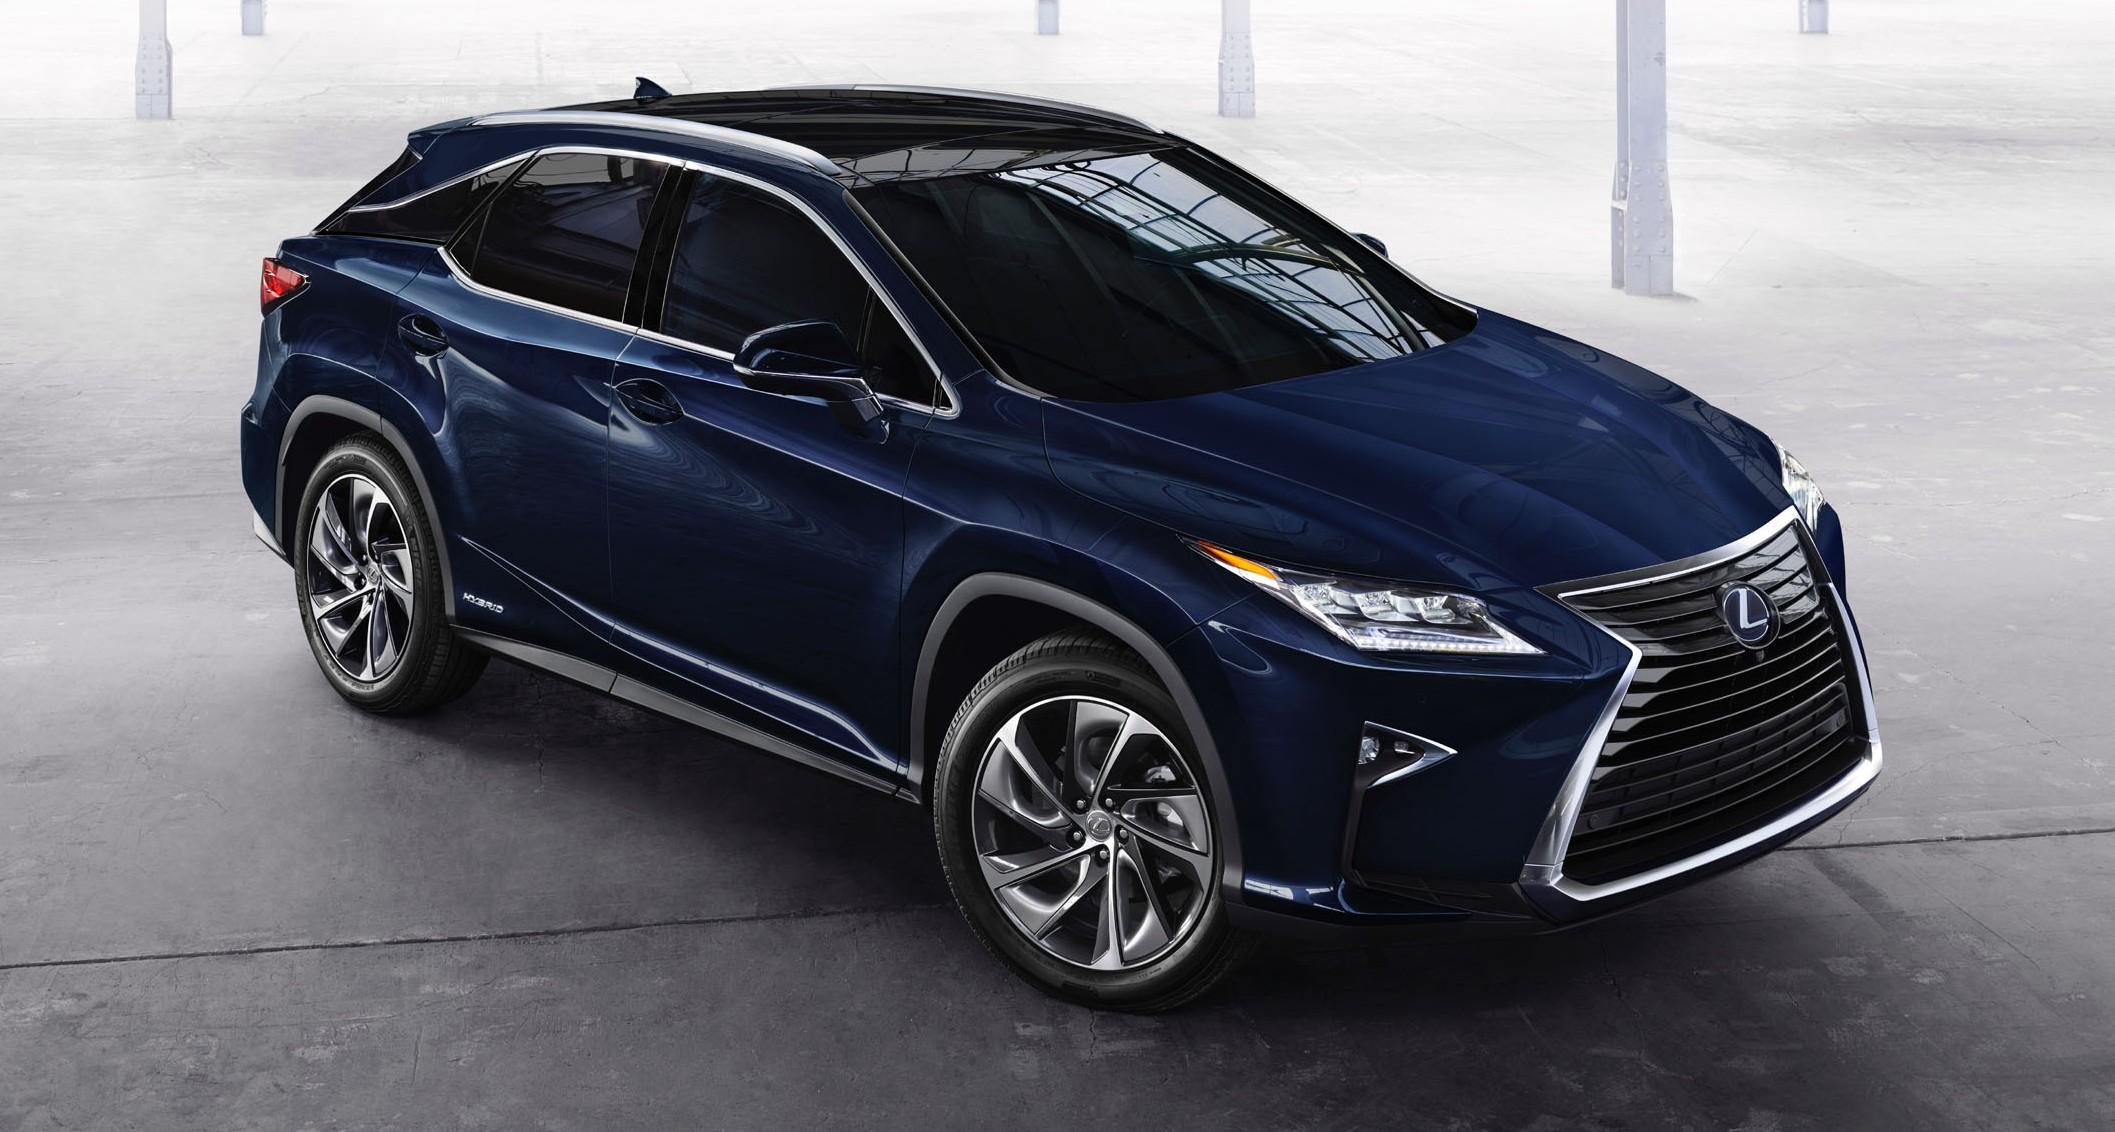 Lexus RX 2016 Vs Lexus RX 2015 What is new